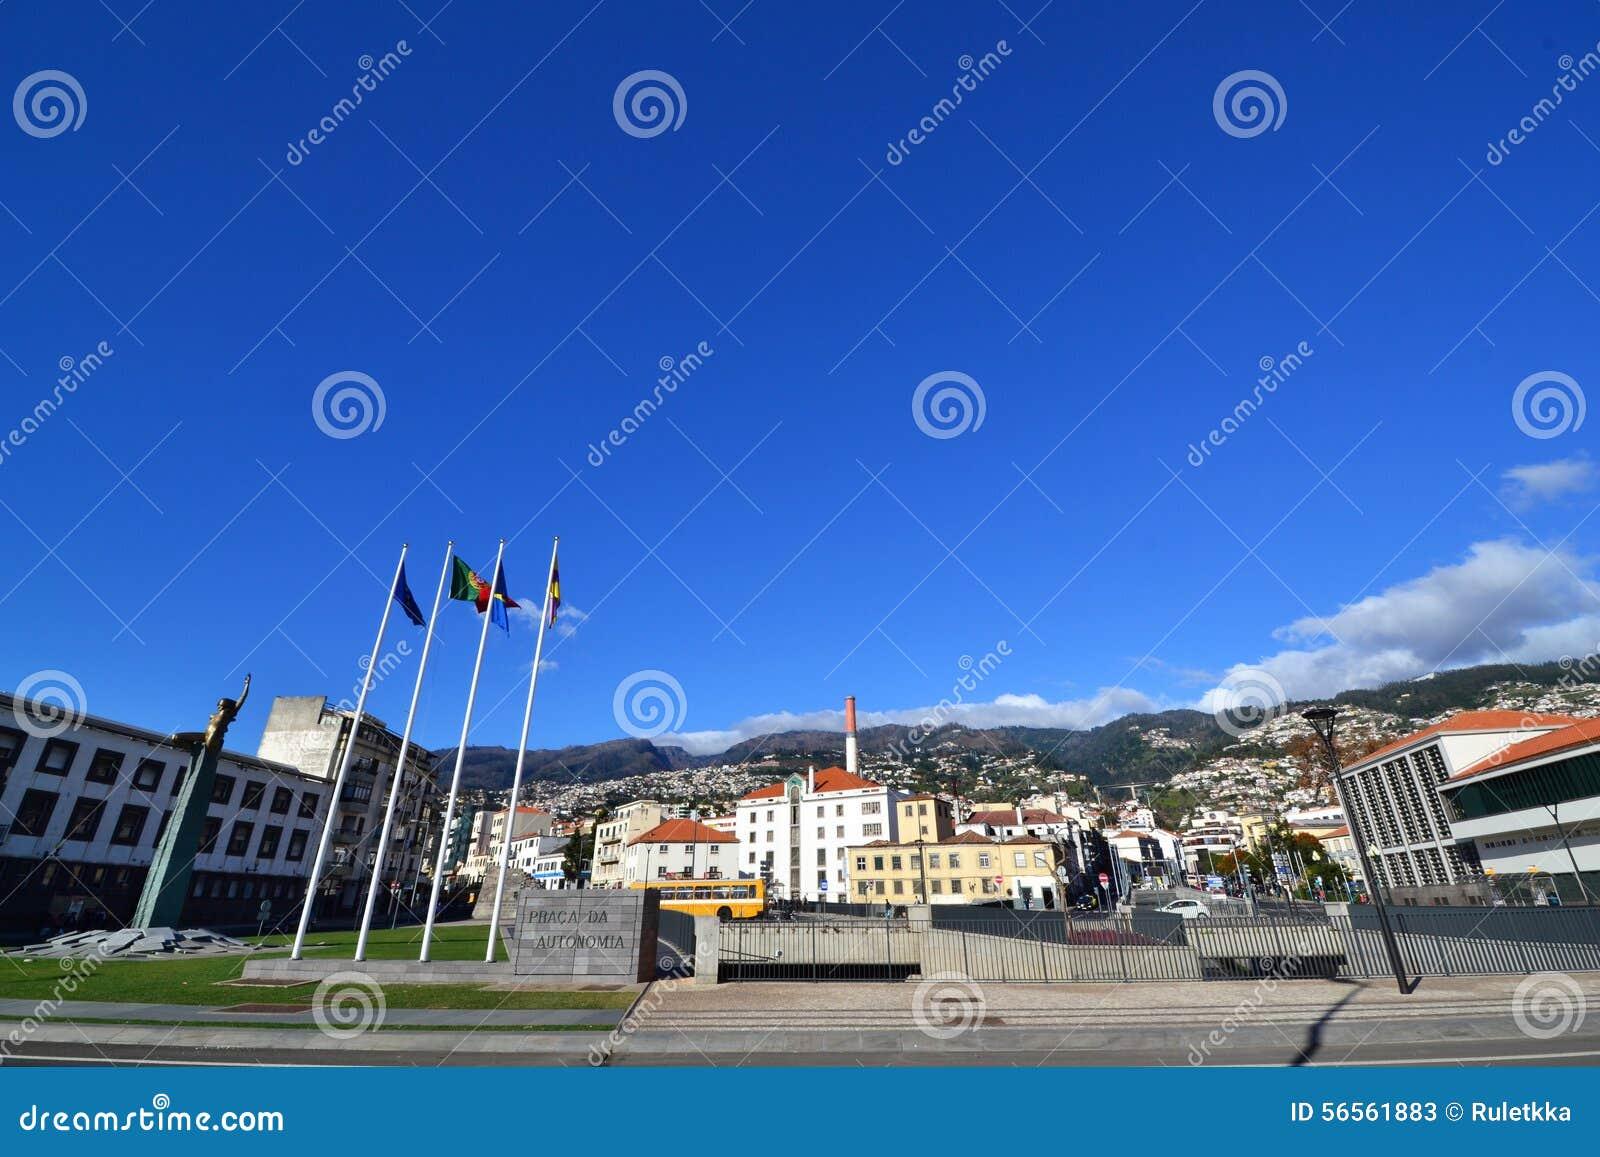 Download Όμορφη άποψη της πόλης του Φουνκάλ, Πορτογαλία Εκδοτική Στοκ Εικόνες - εικόνα από επιβολή, ευρώπη: 56561883